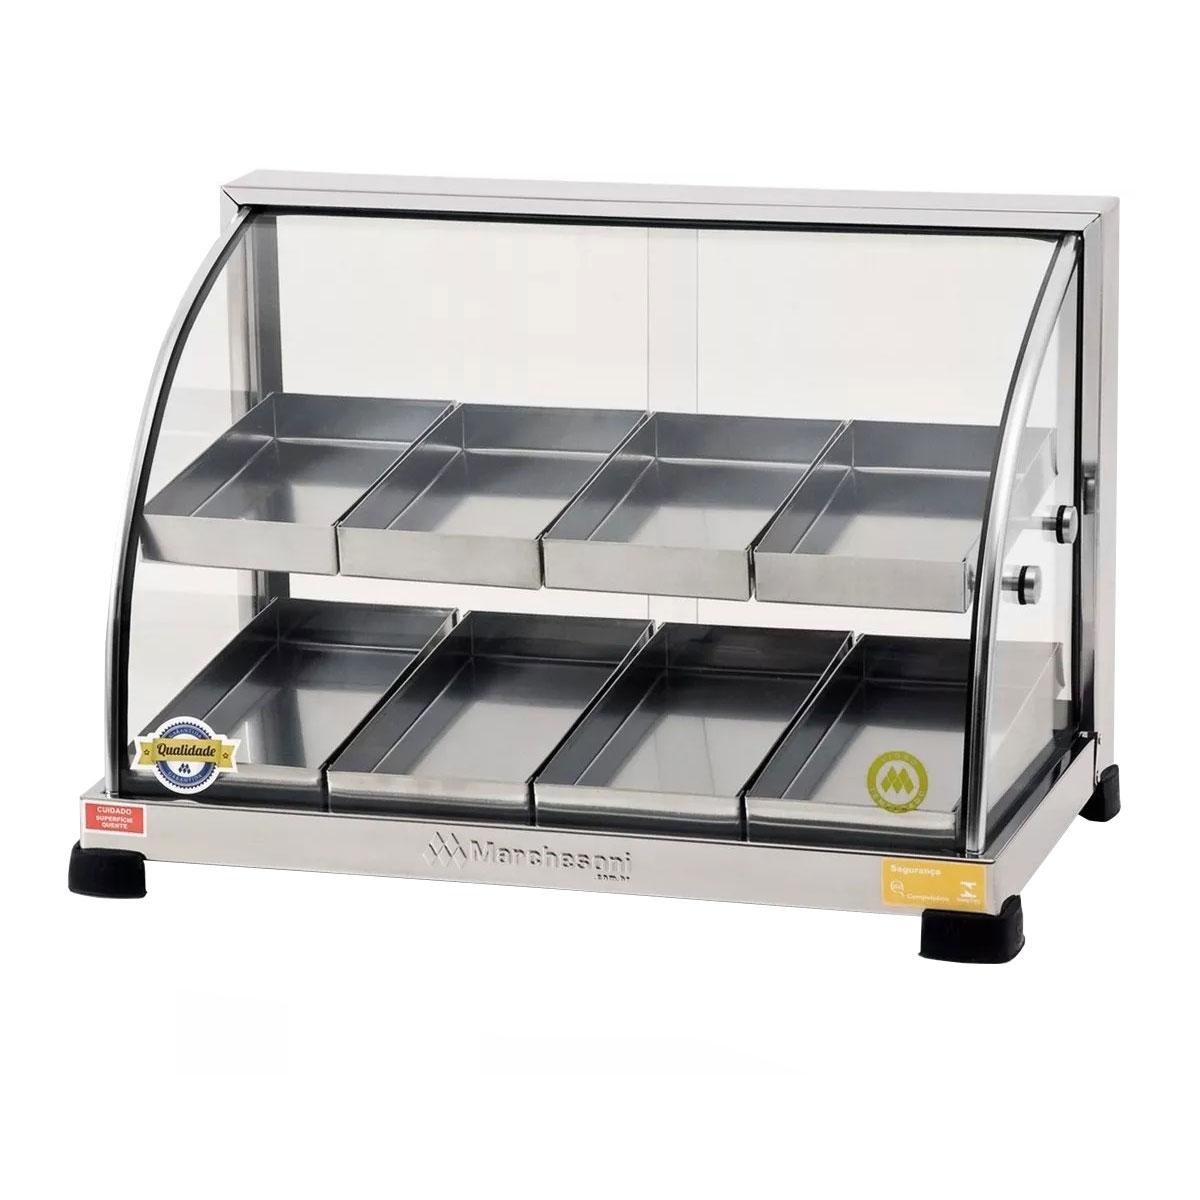 Estufa Para Salgados Dupla 8 Bandejas Aquecedora de Alimentos Porta de Vidro Linha Prata - EF.5.281-282 - Marchesoni   - Carmel Equipamentos